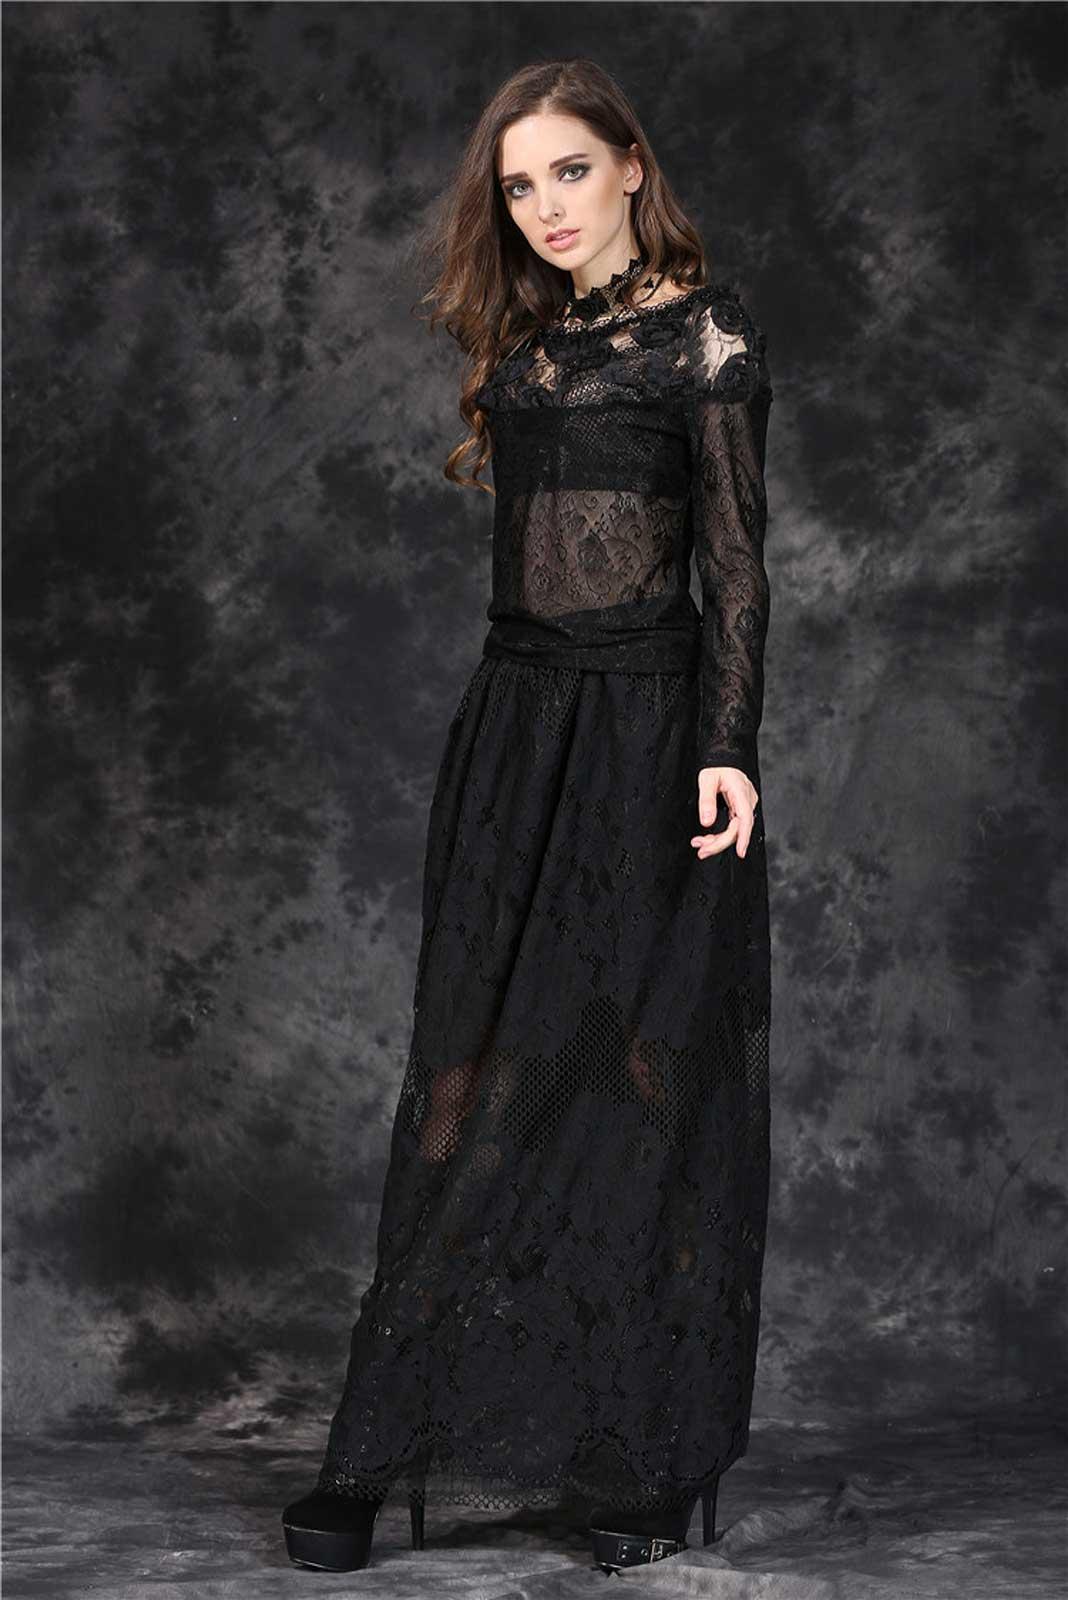 I want a goth boy =] | Goth | Goth dating, Cute goth, Goth